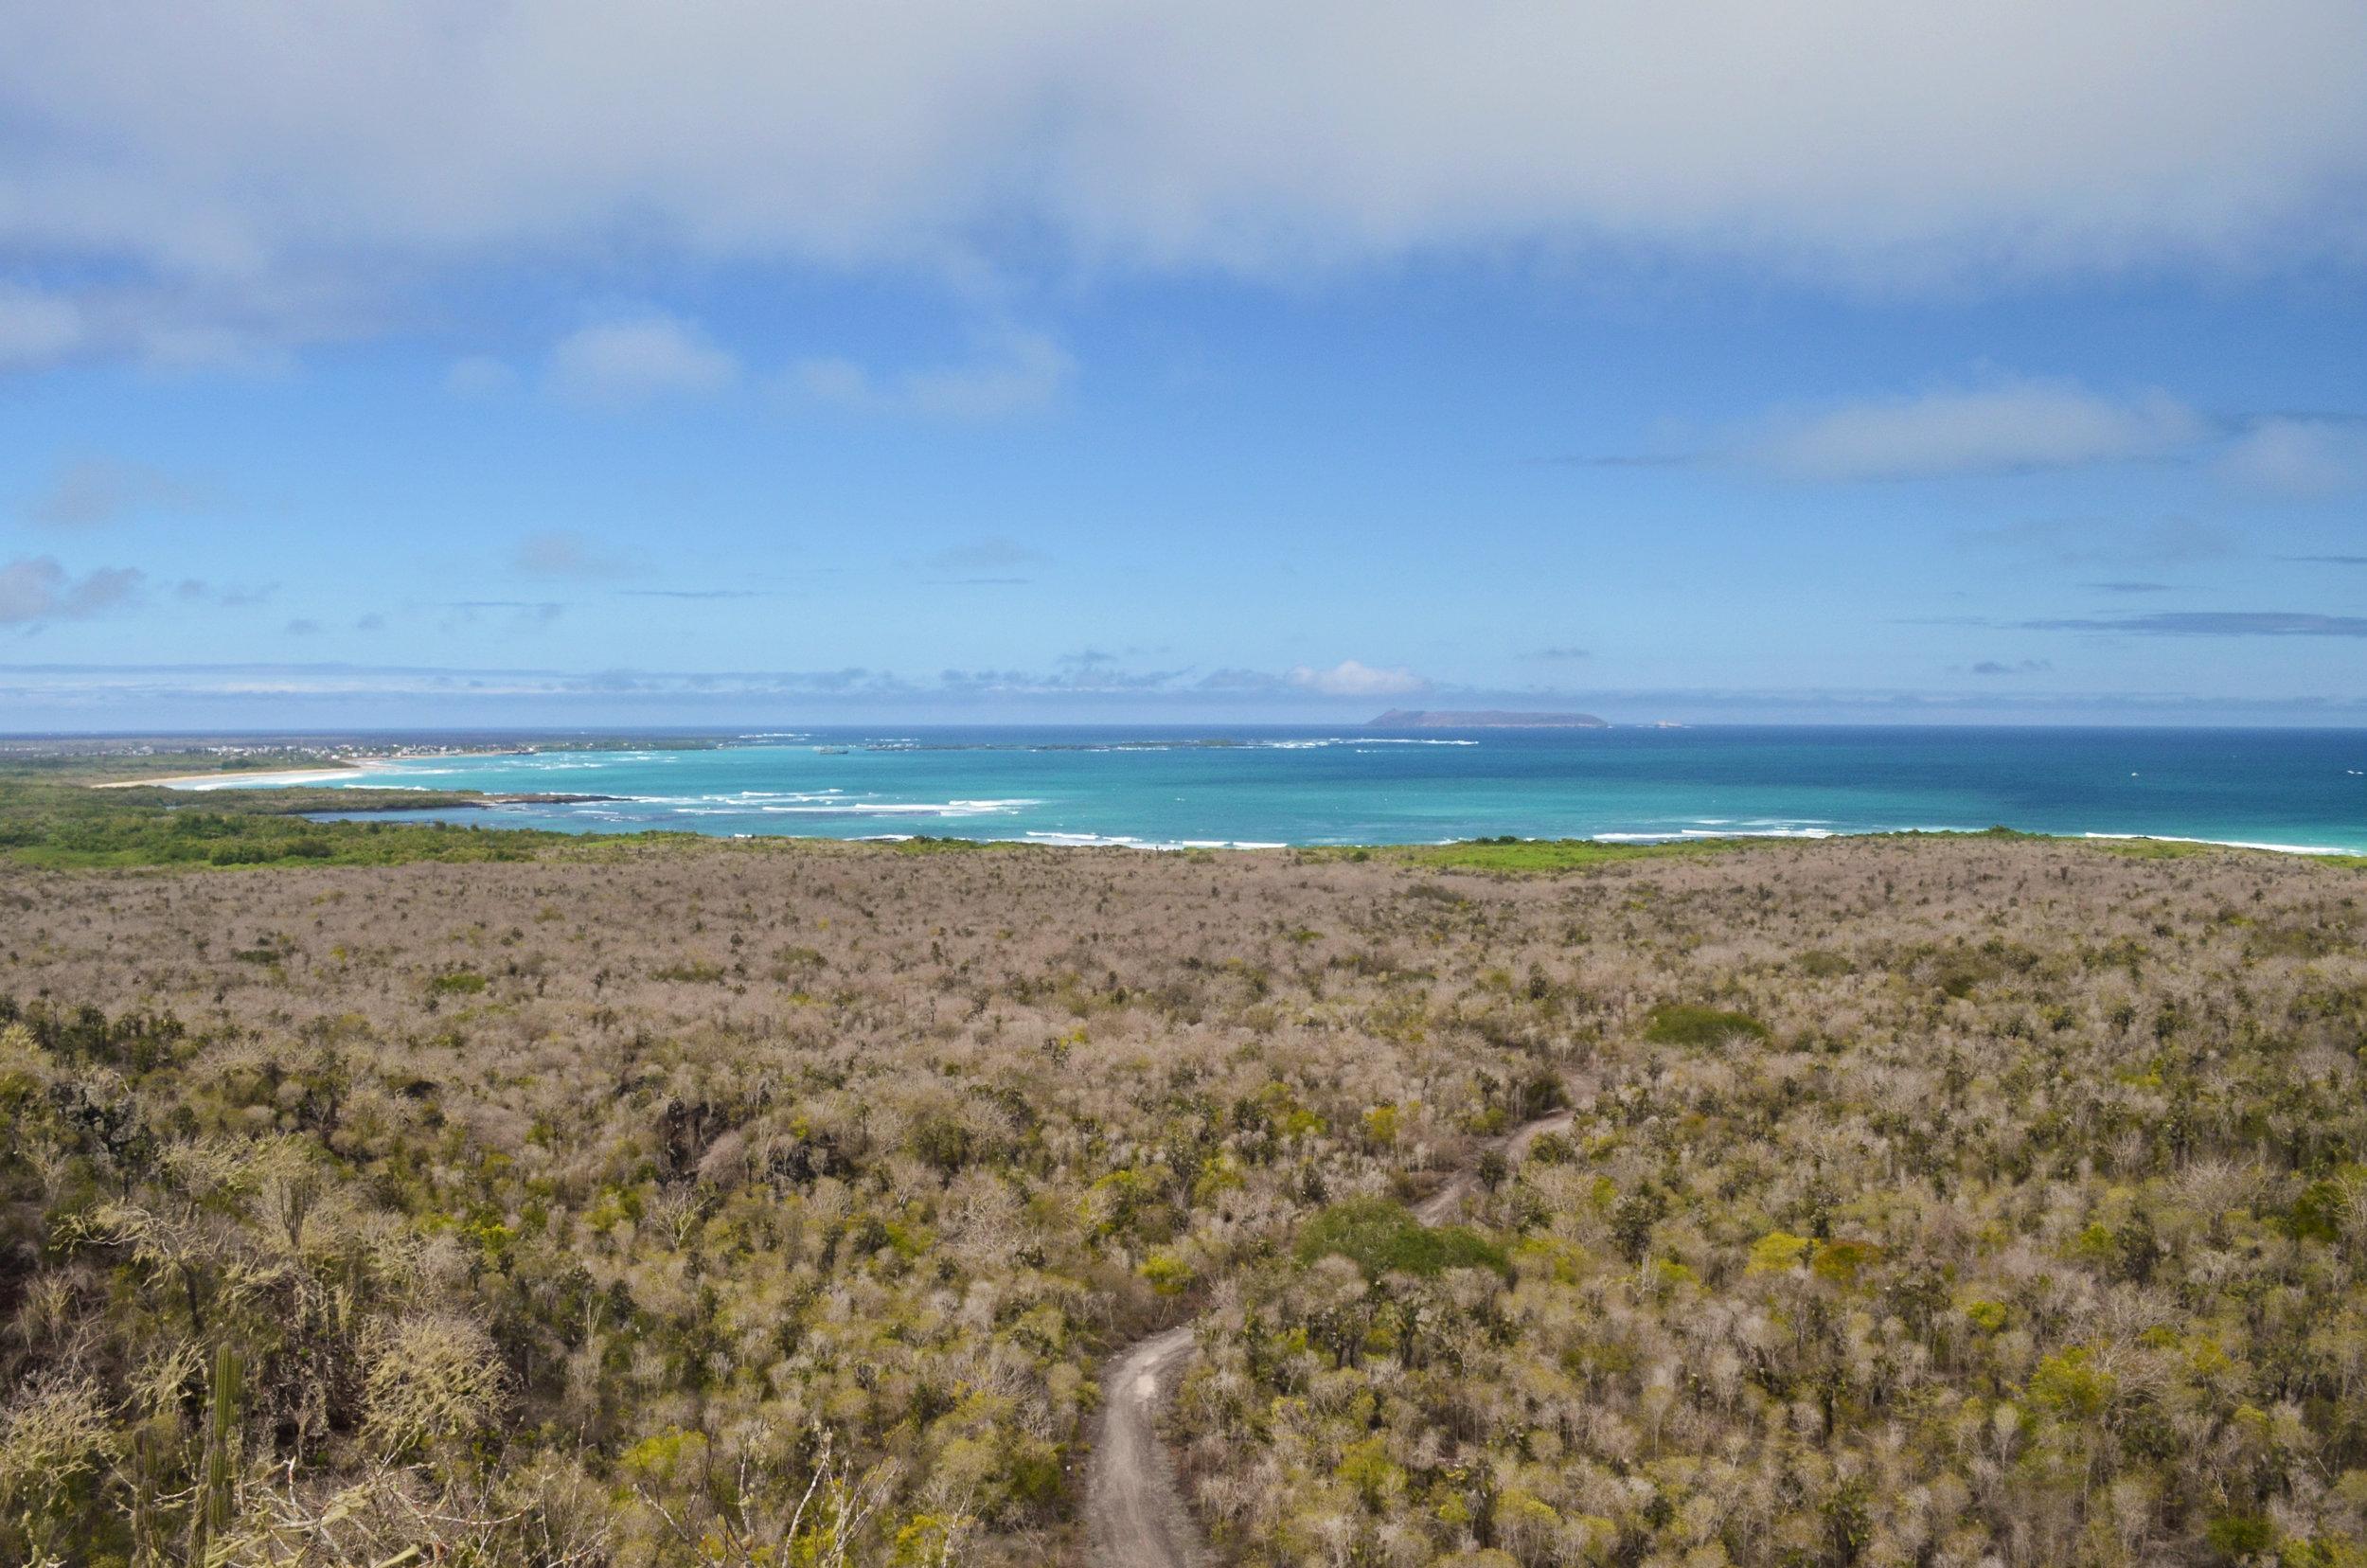 The arid landscape of Isabela Island